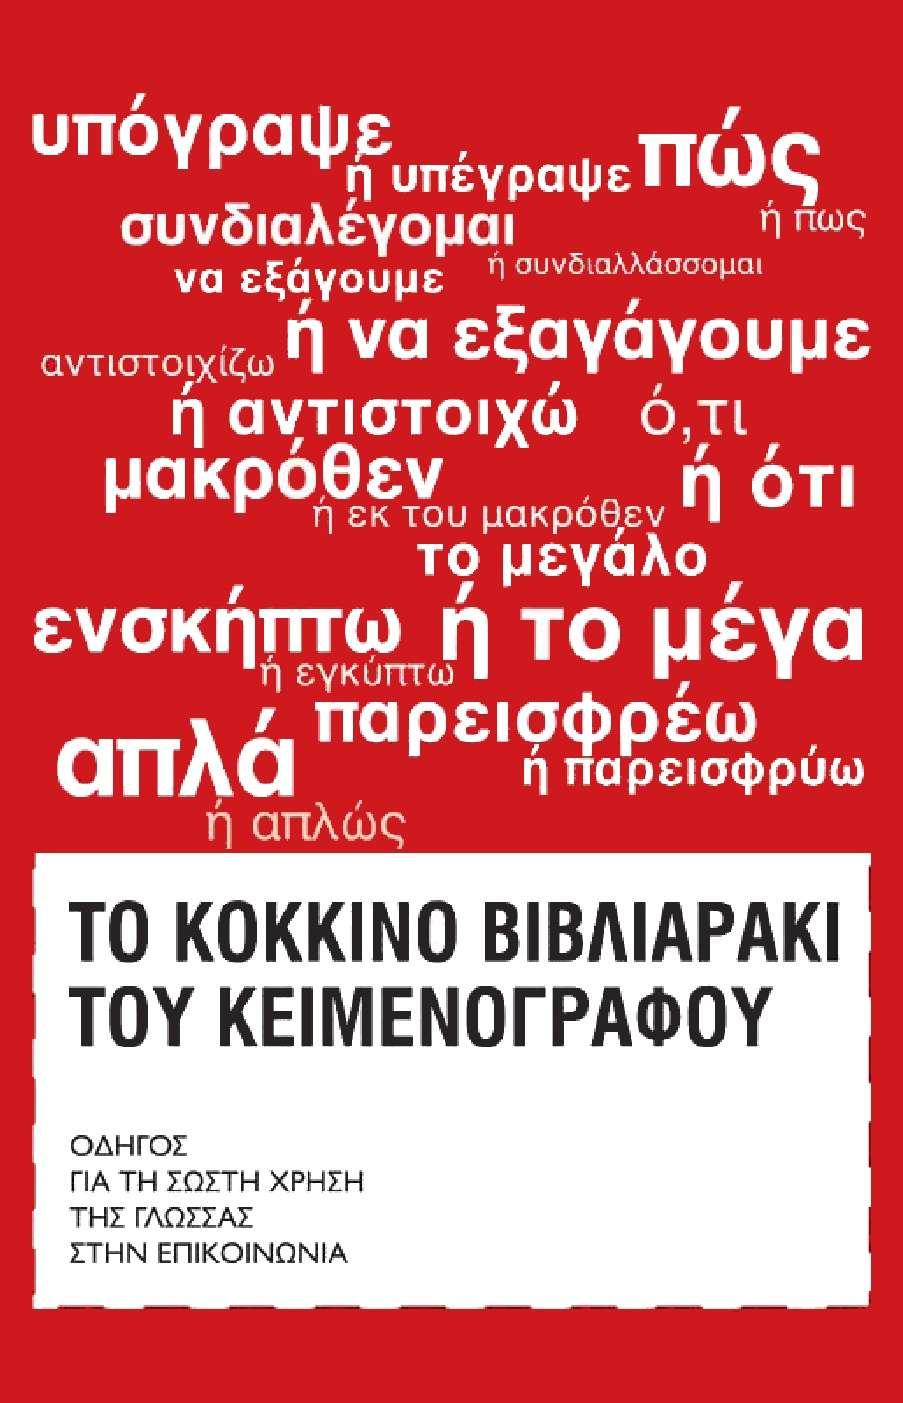 Οδηγός για τη σωστή χρήση της γλώσσας στην επικοινωνία – Το κόκκινο βιβλιαράκι του κειμενογράφου (PDF)